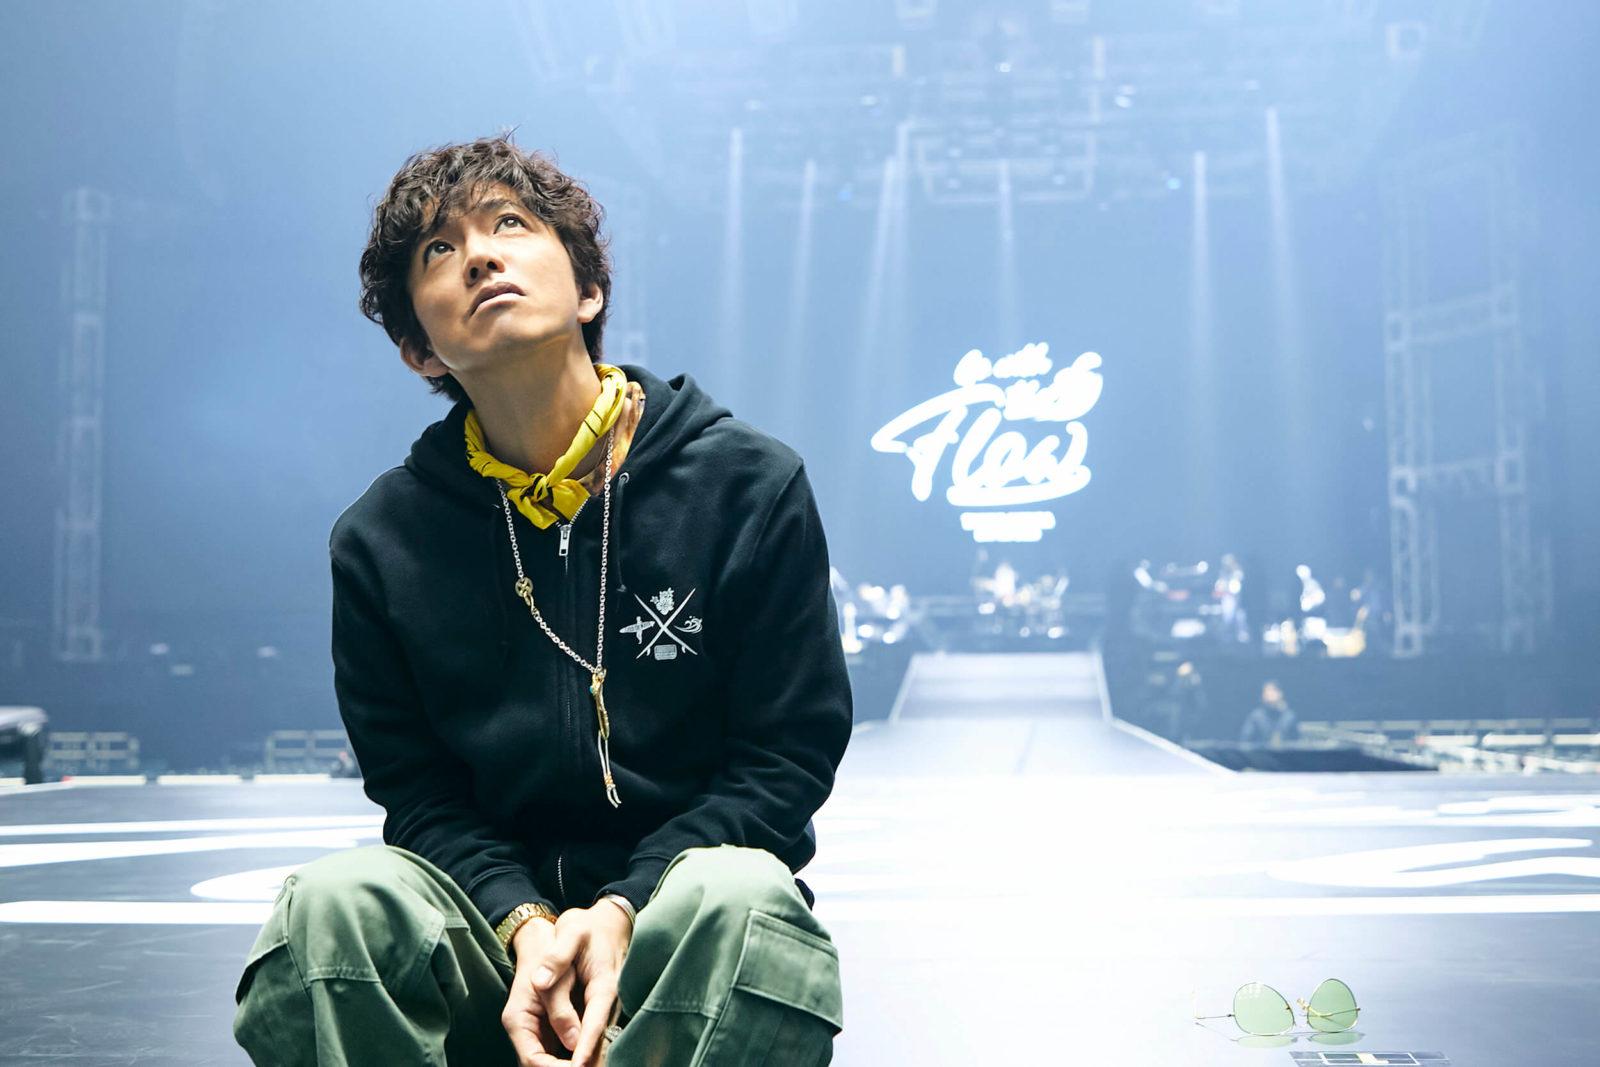 木村拓哉「TAKUYA KIMURA Live Tour 2020 Go with the Flow」 商品詳細発表サムネイル画像